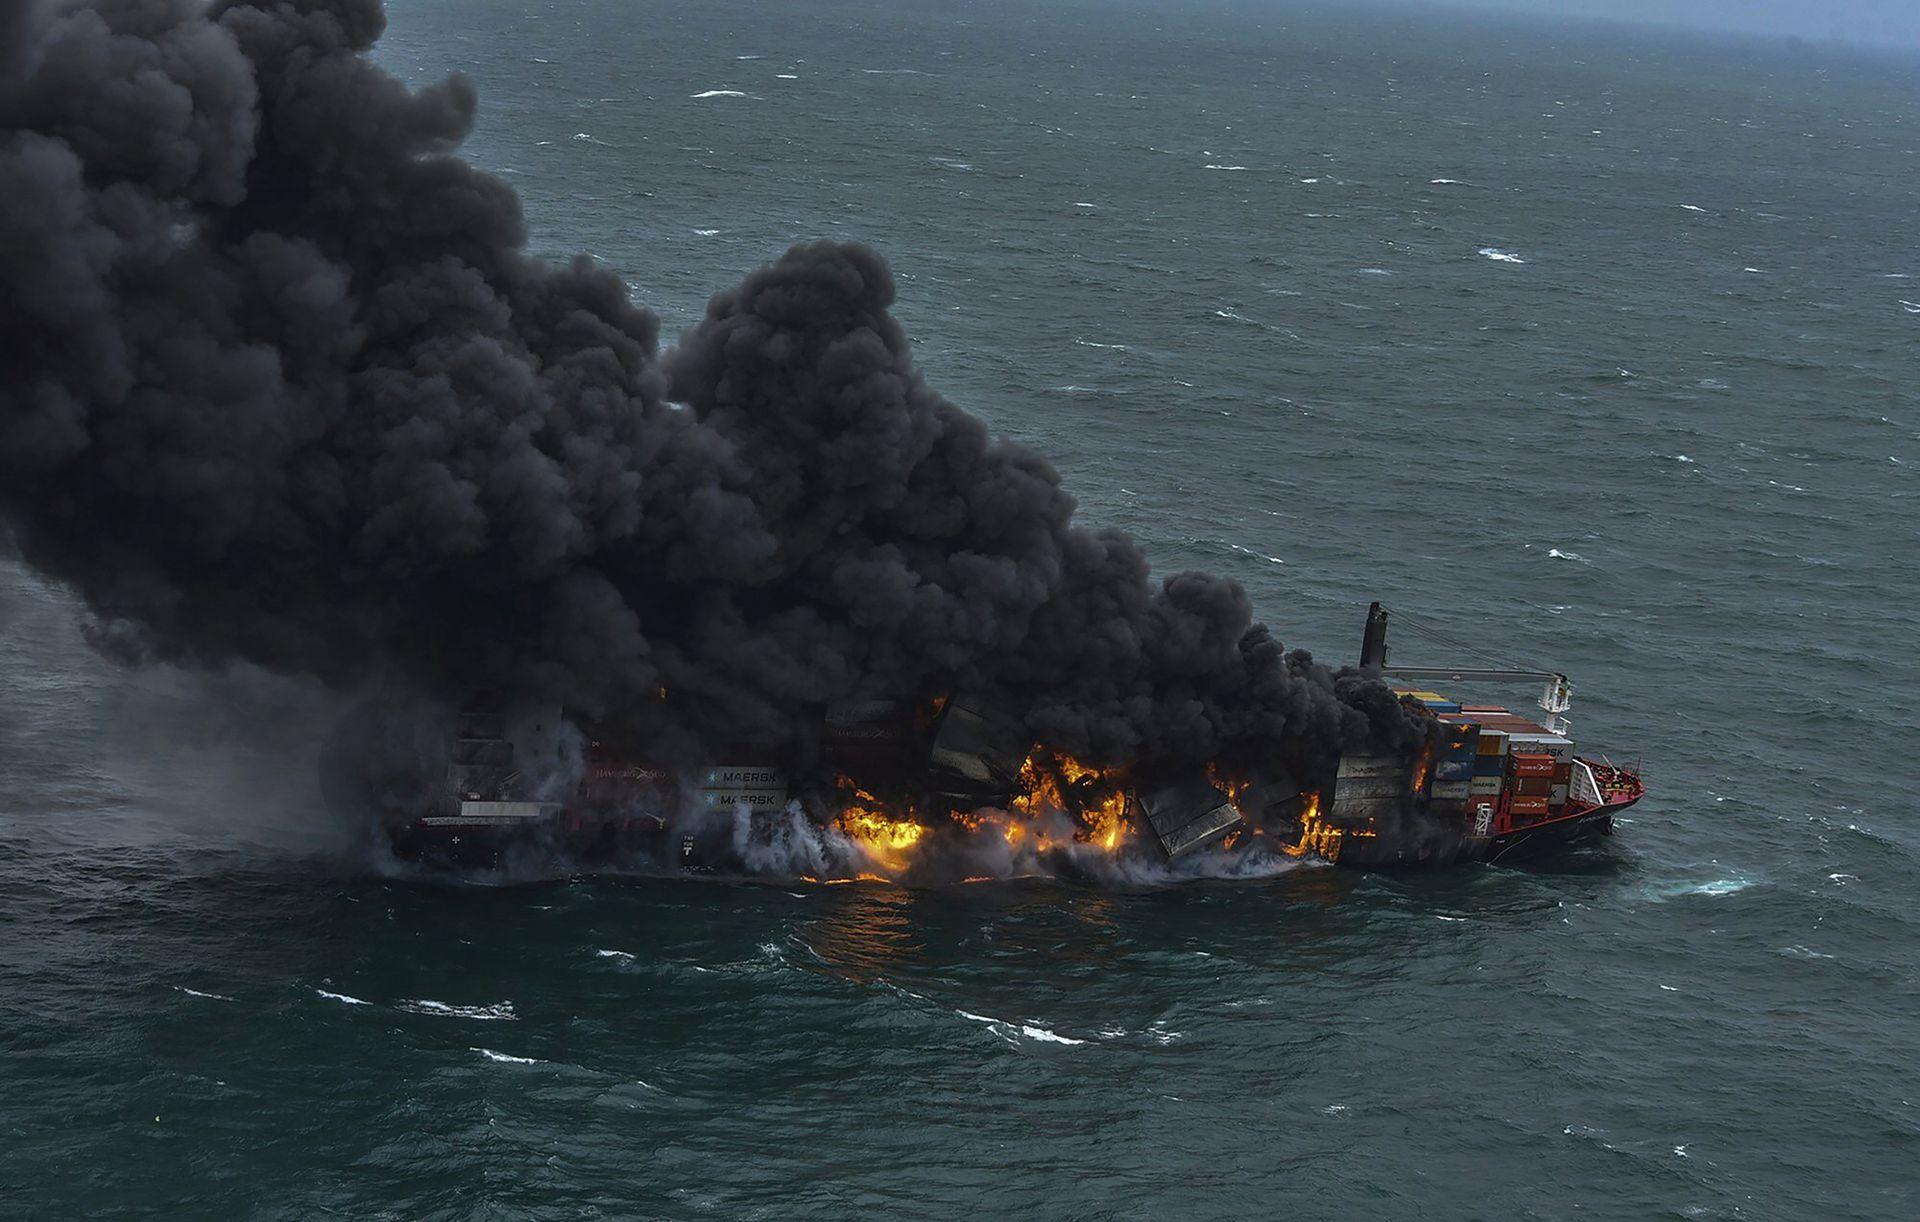 El martes se produjo una explosión en el barco anclado frente a la capital de Sri Lanka, que ha estado ardiendo durante varios días, lo que provocó la evacuación de todos los miembros de la tripulación